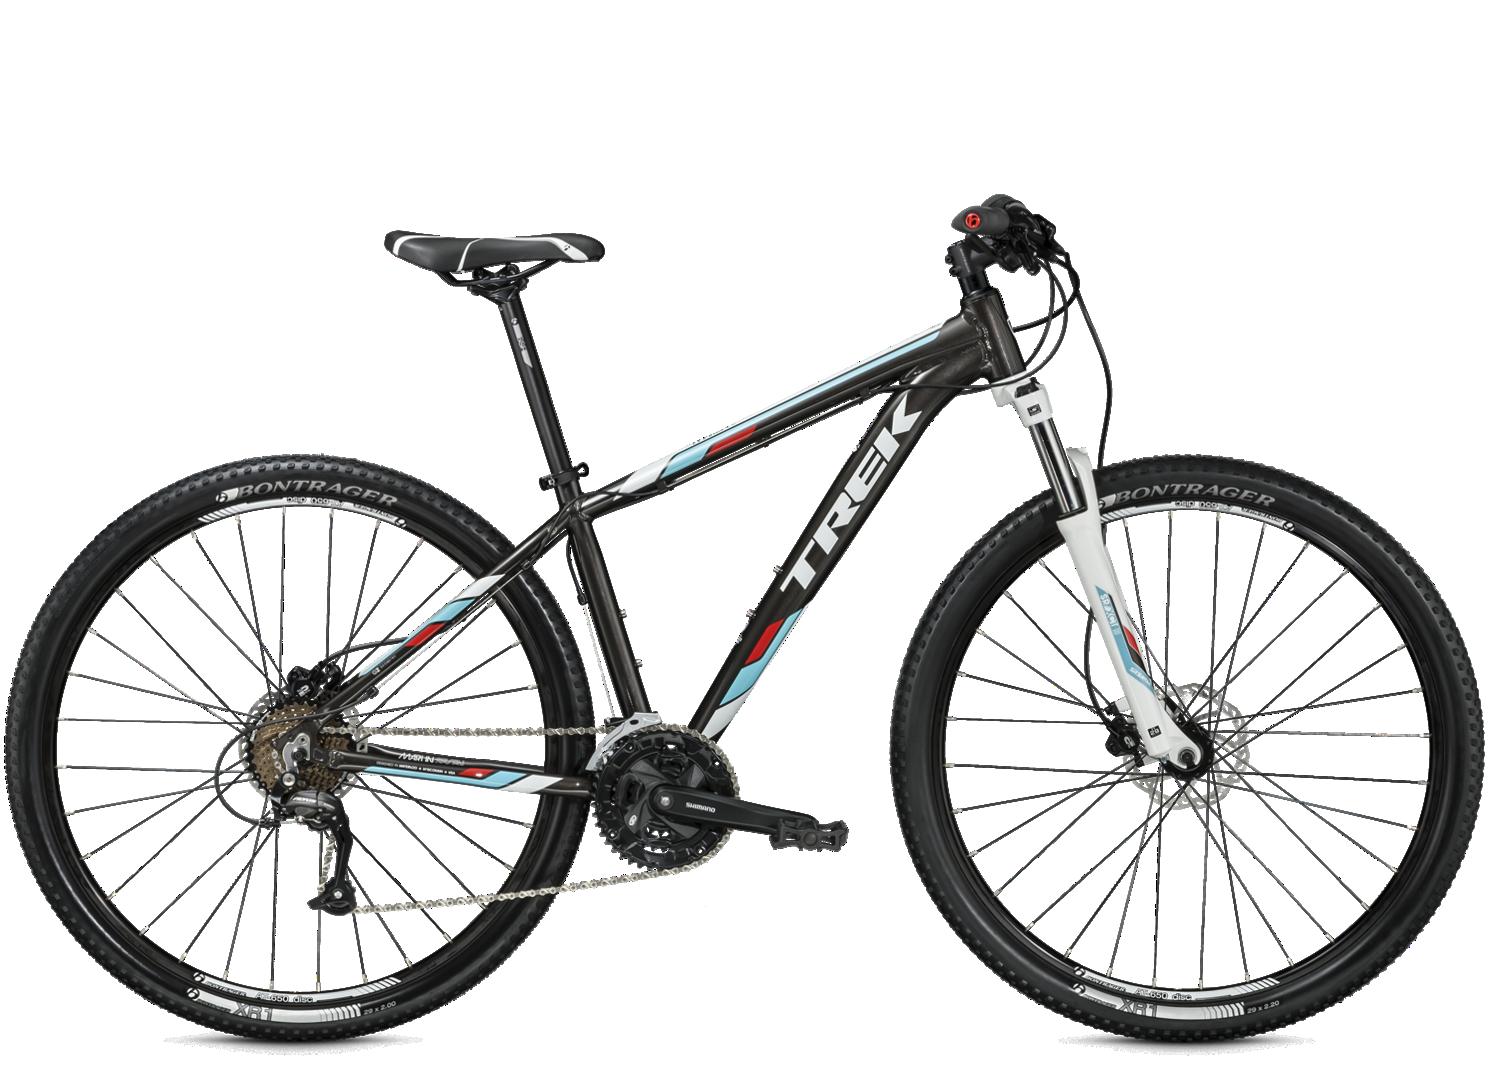 Marlin 7 Trek Bicycle